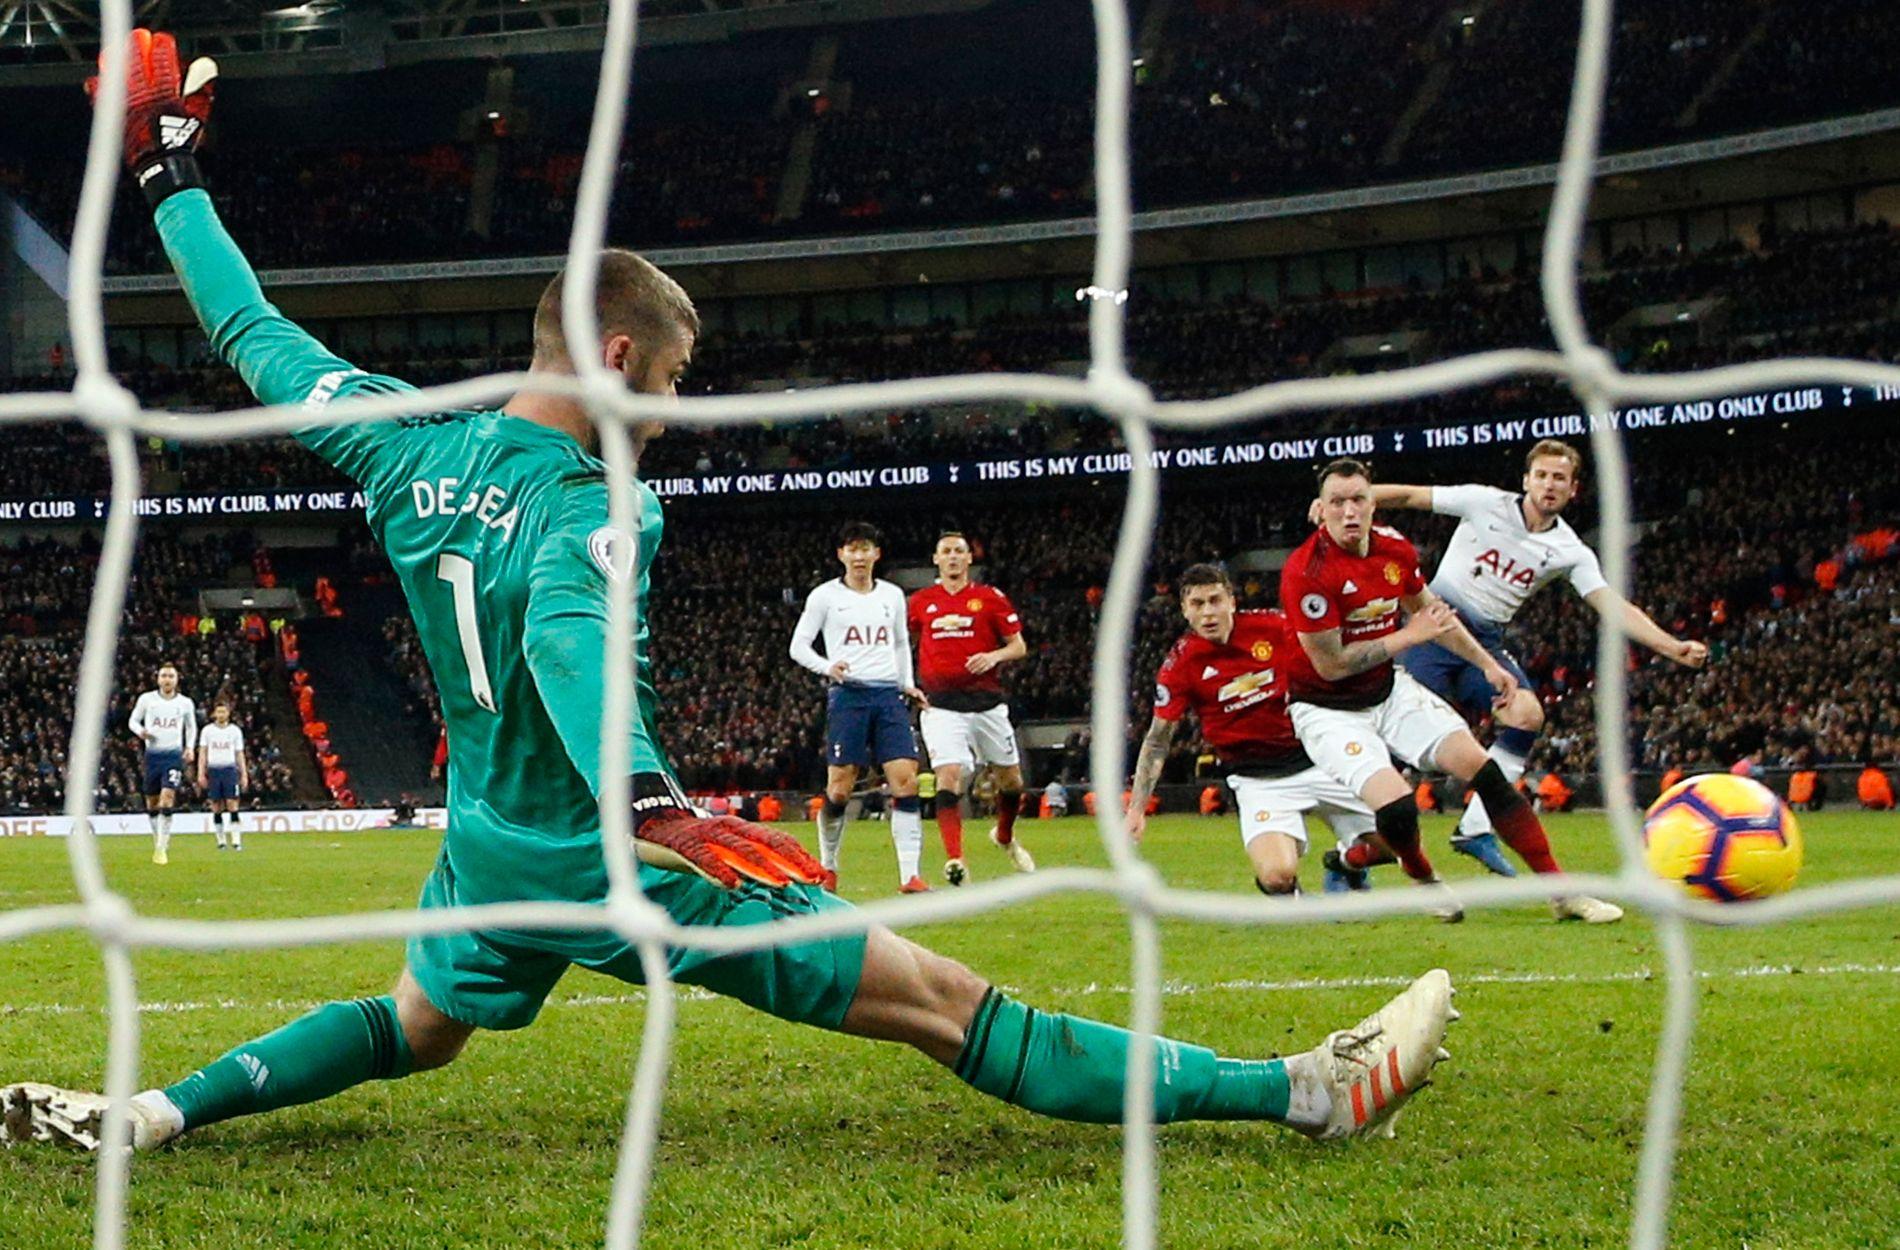 REDNINGSMANN: David de Gea er en av grunnene til at Manchester United slipper inn fære mål enn motstandernes sjanser «tilsier». Her står han i veien for en Harry Kane-avslutning mot Tottenham.